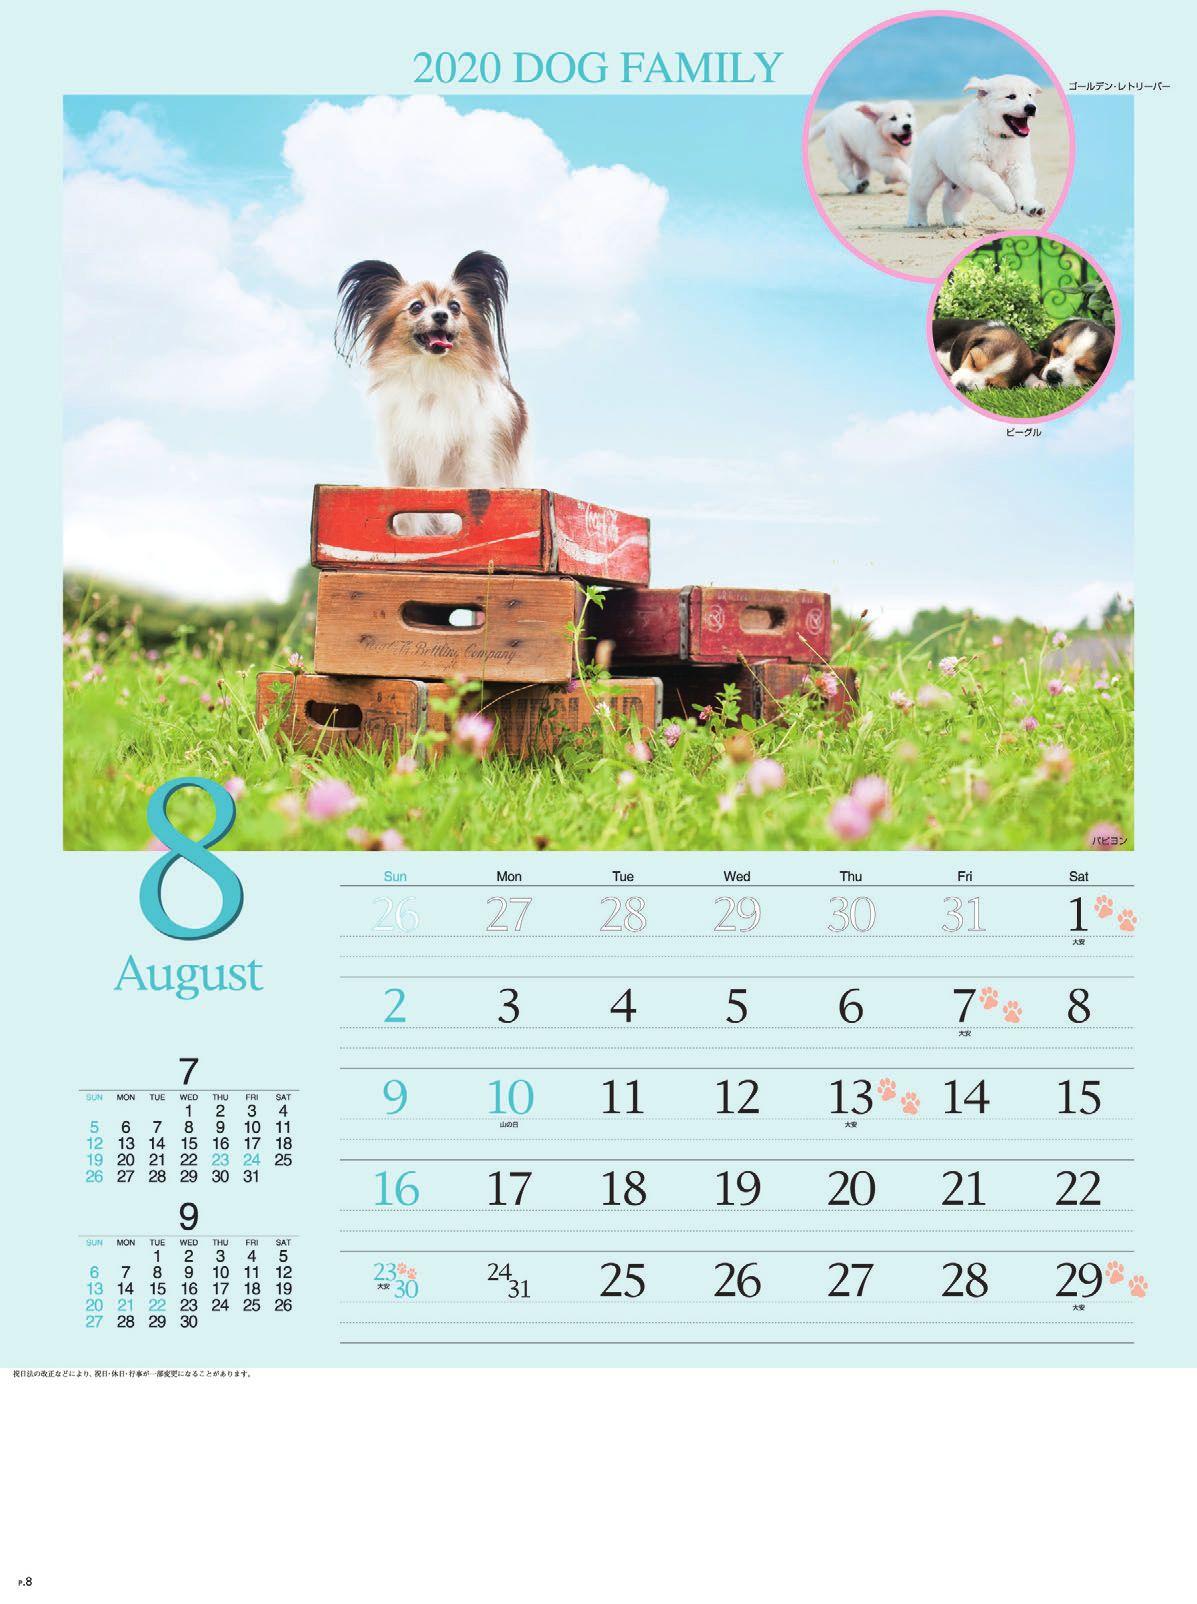 画像:パピヨン ドッグファミリー 2020年カレンダー